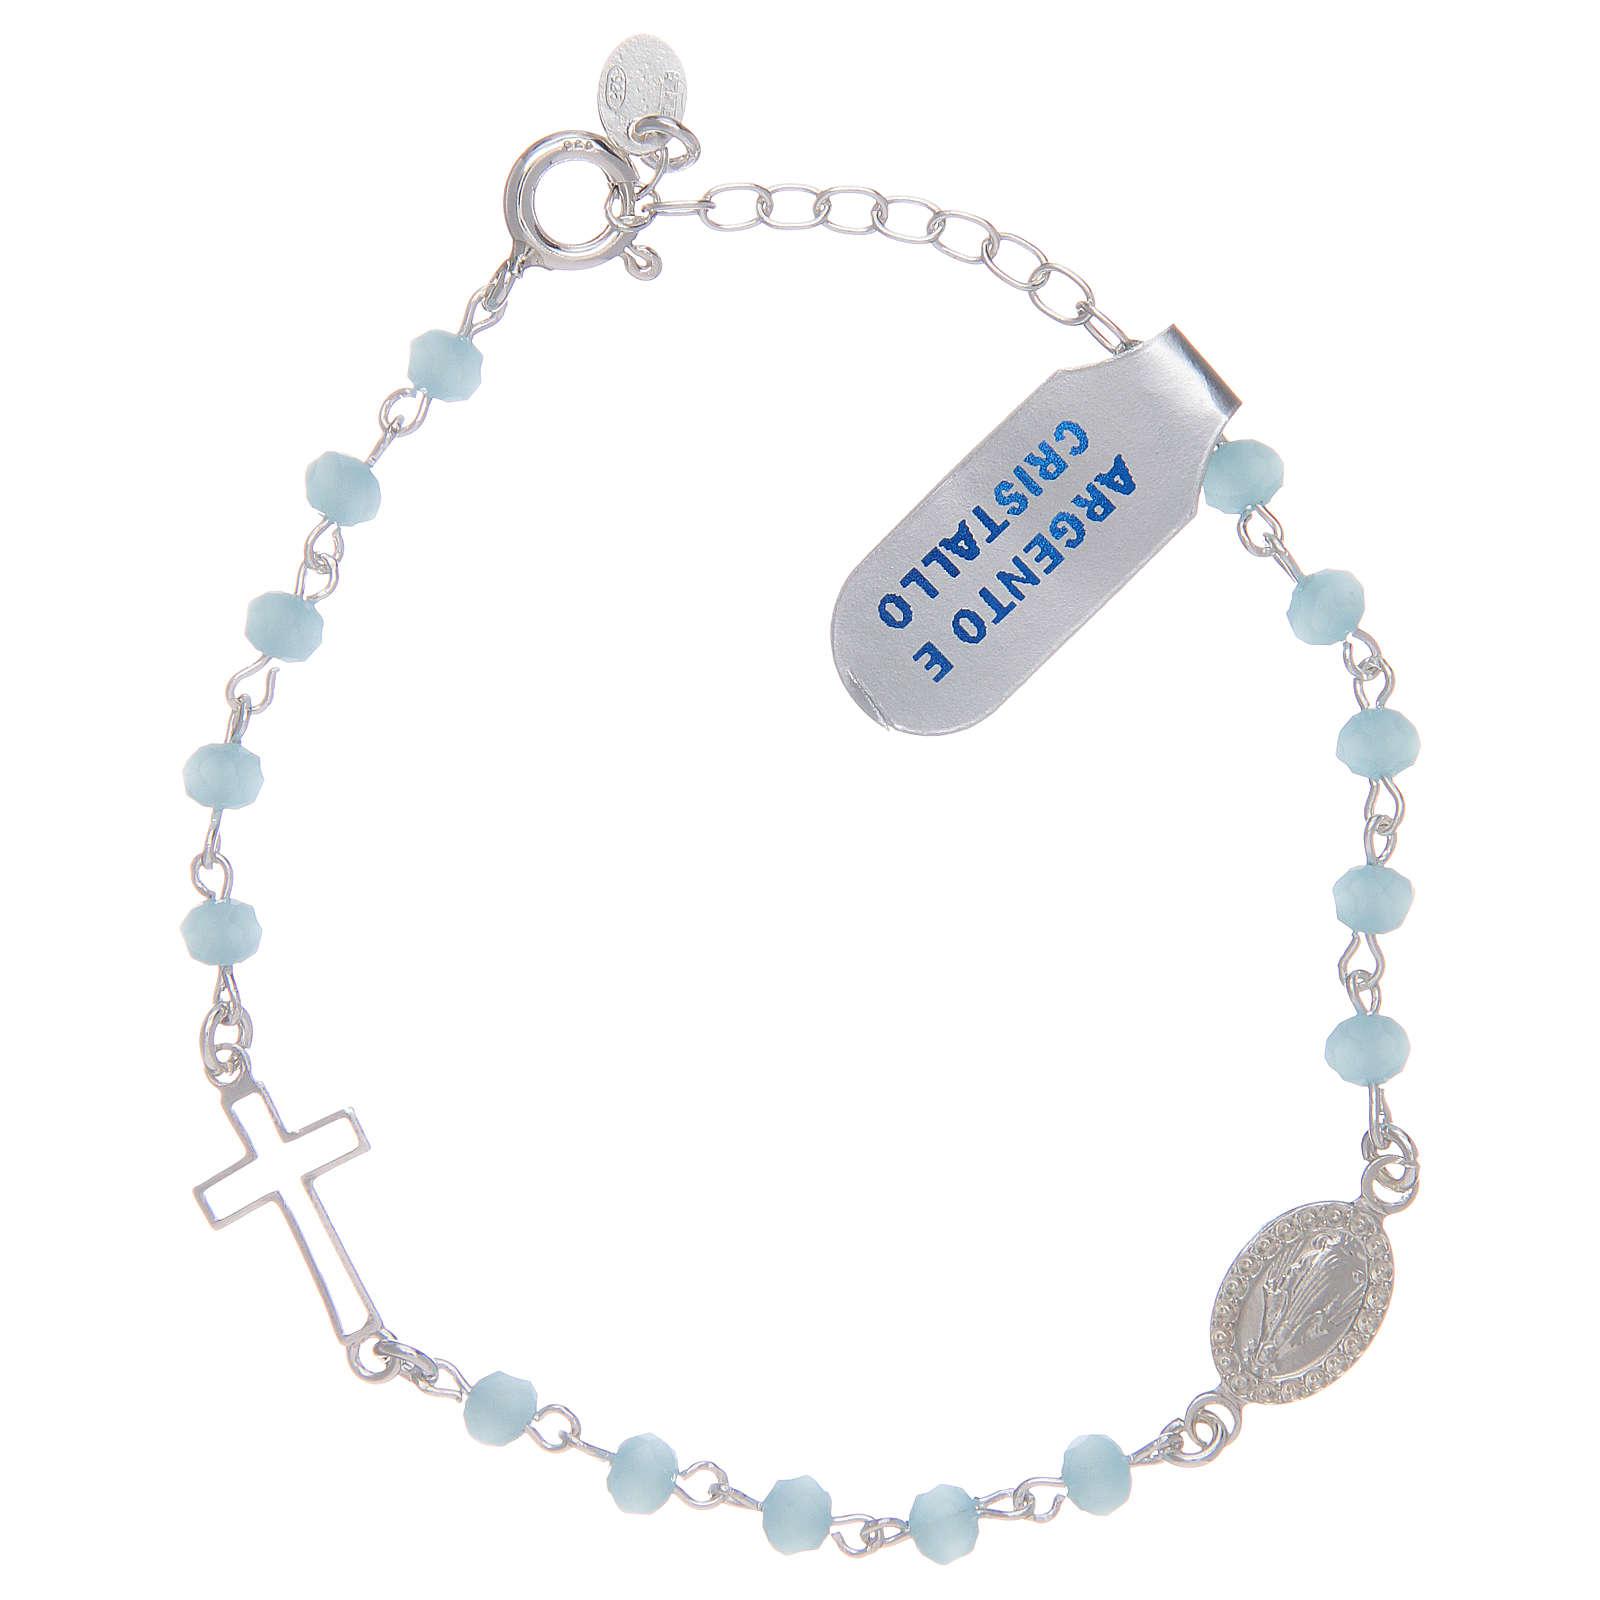 Bracciale rosario a catena in argento 925 e cristallo celeste 4